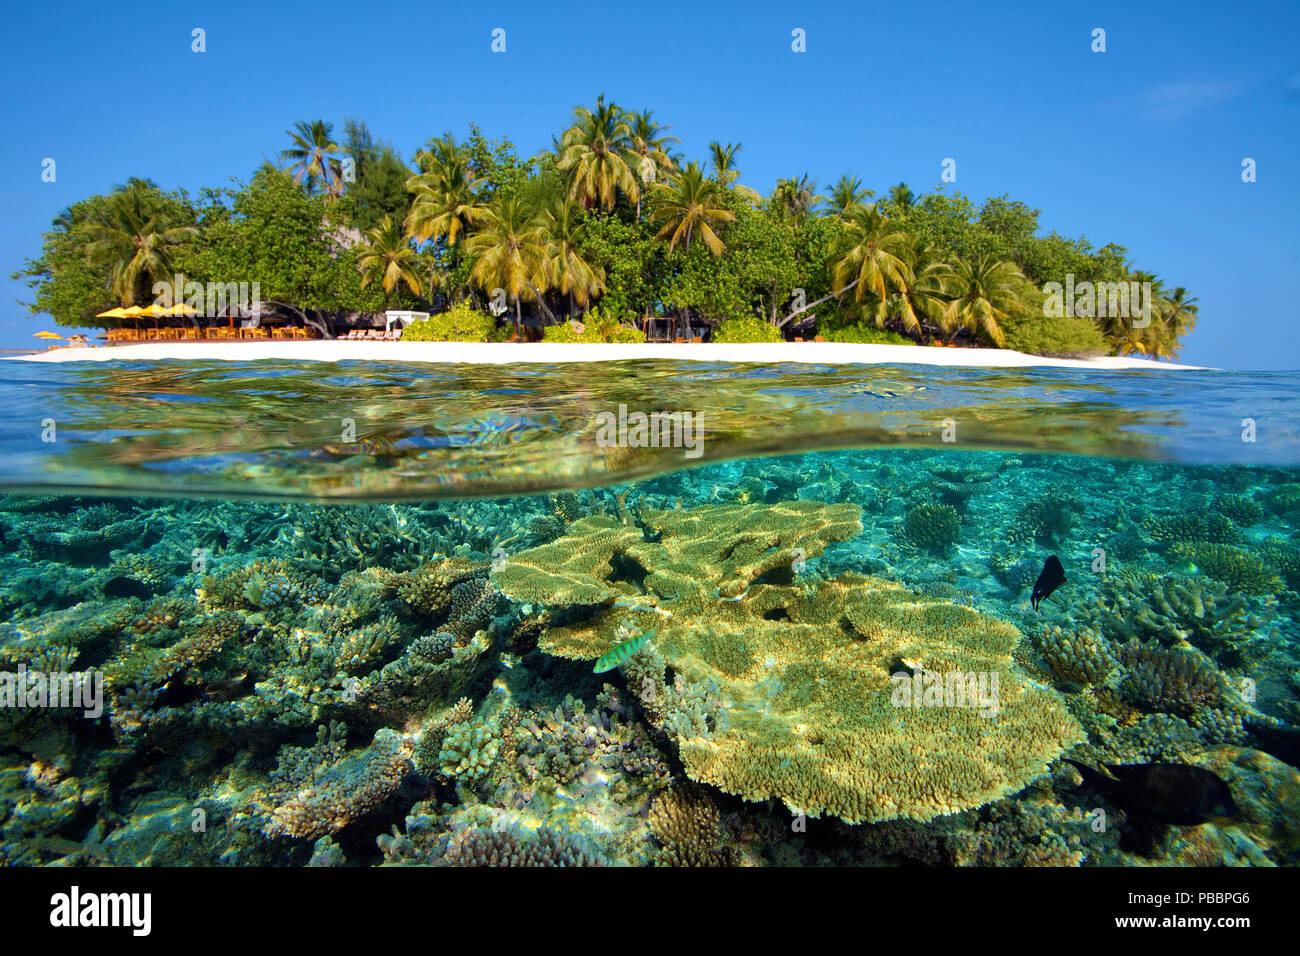 Arrecifes de coral en el Angsana Ihuru island (antiguo nombre de la isla), Split Image, North-Male Atoll, las islas Maldivas Foto de stock